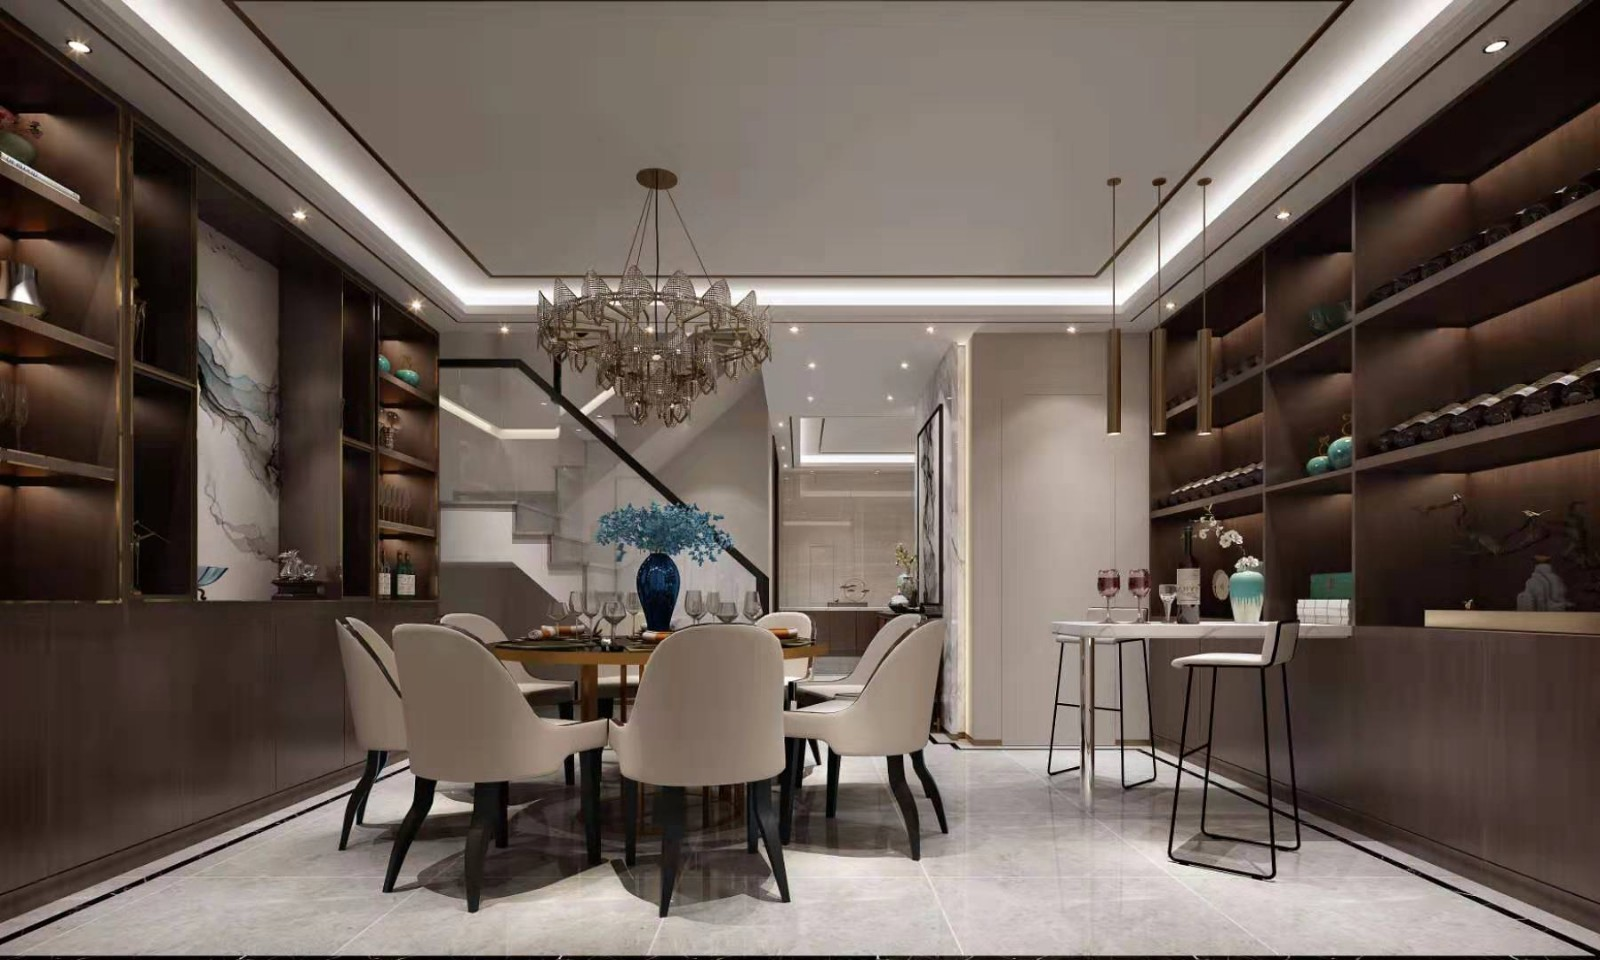 2020新中式餐厅效果图 2020新中式酒窖装饰设计